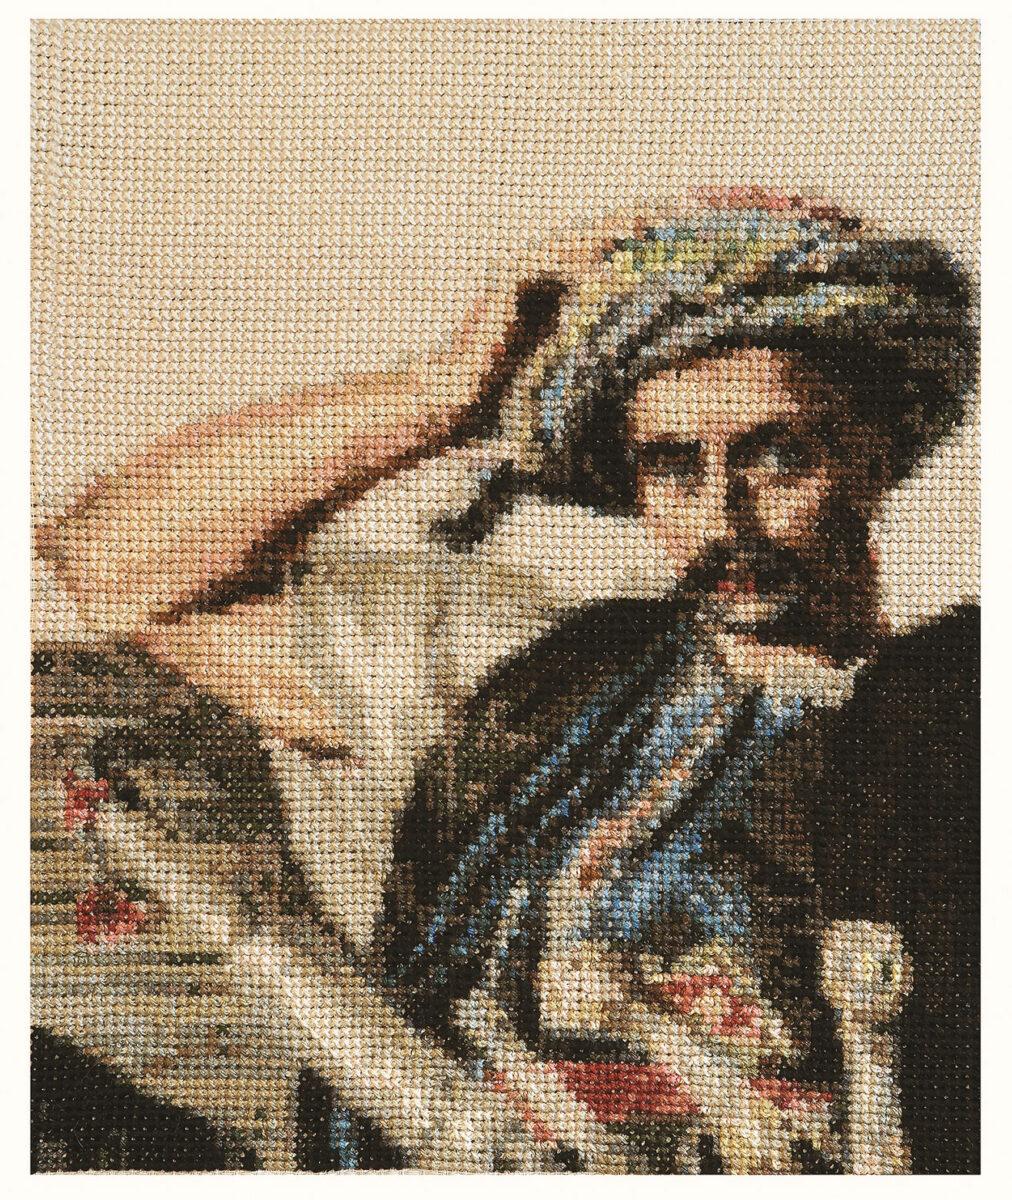 Δημιουργία του Σταμάτη Ζάννου με αφετηρία έγχρωμες λιθογραφίες του Γάλλου ζωγράφου Louis Dupré (φωτ.: ΠΙΟΠ).